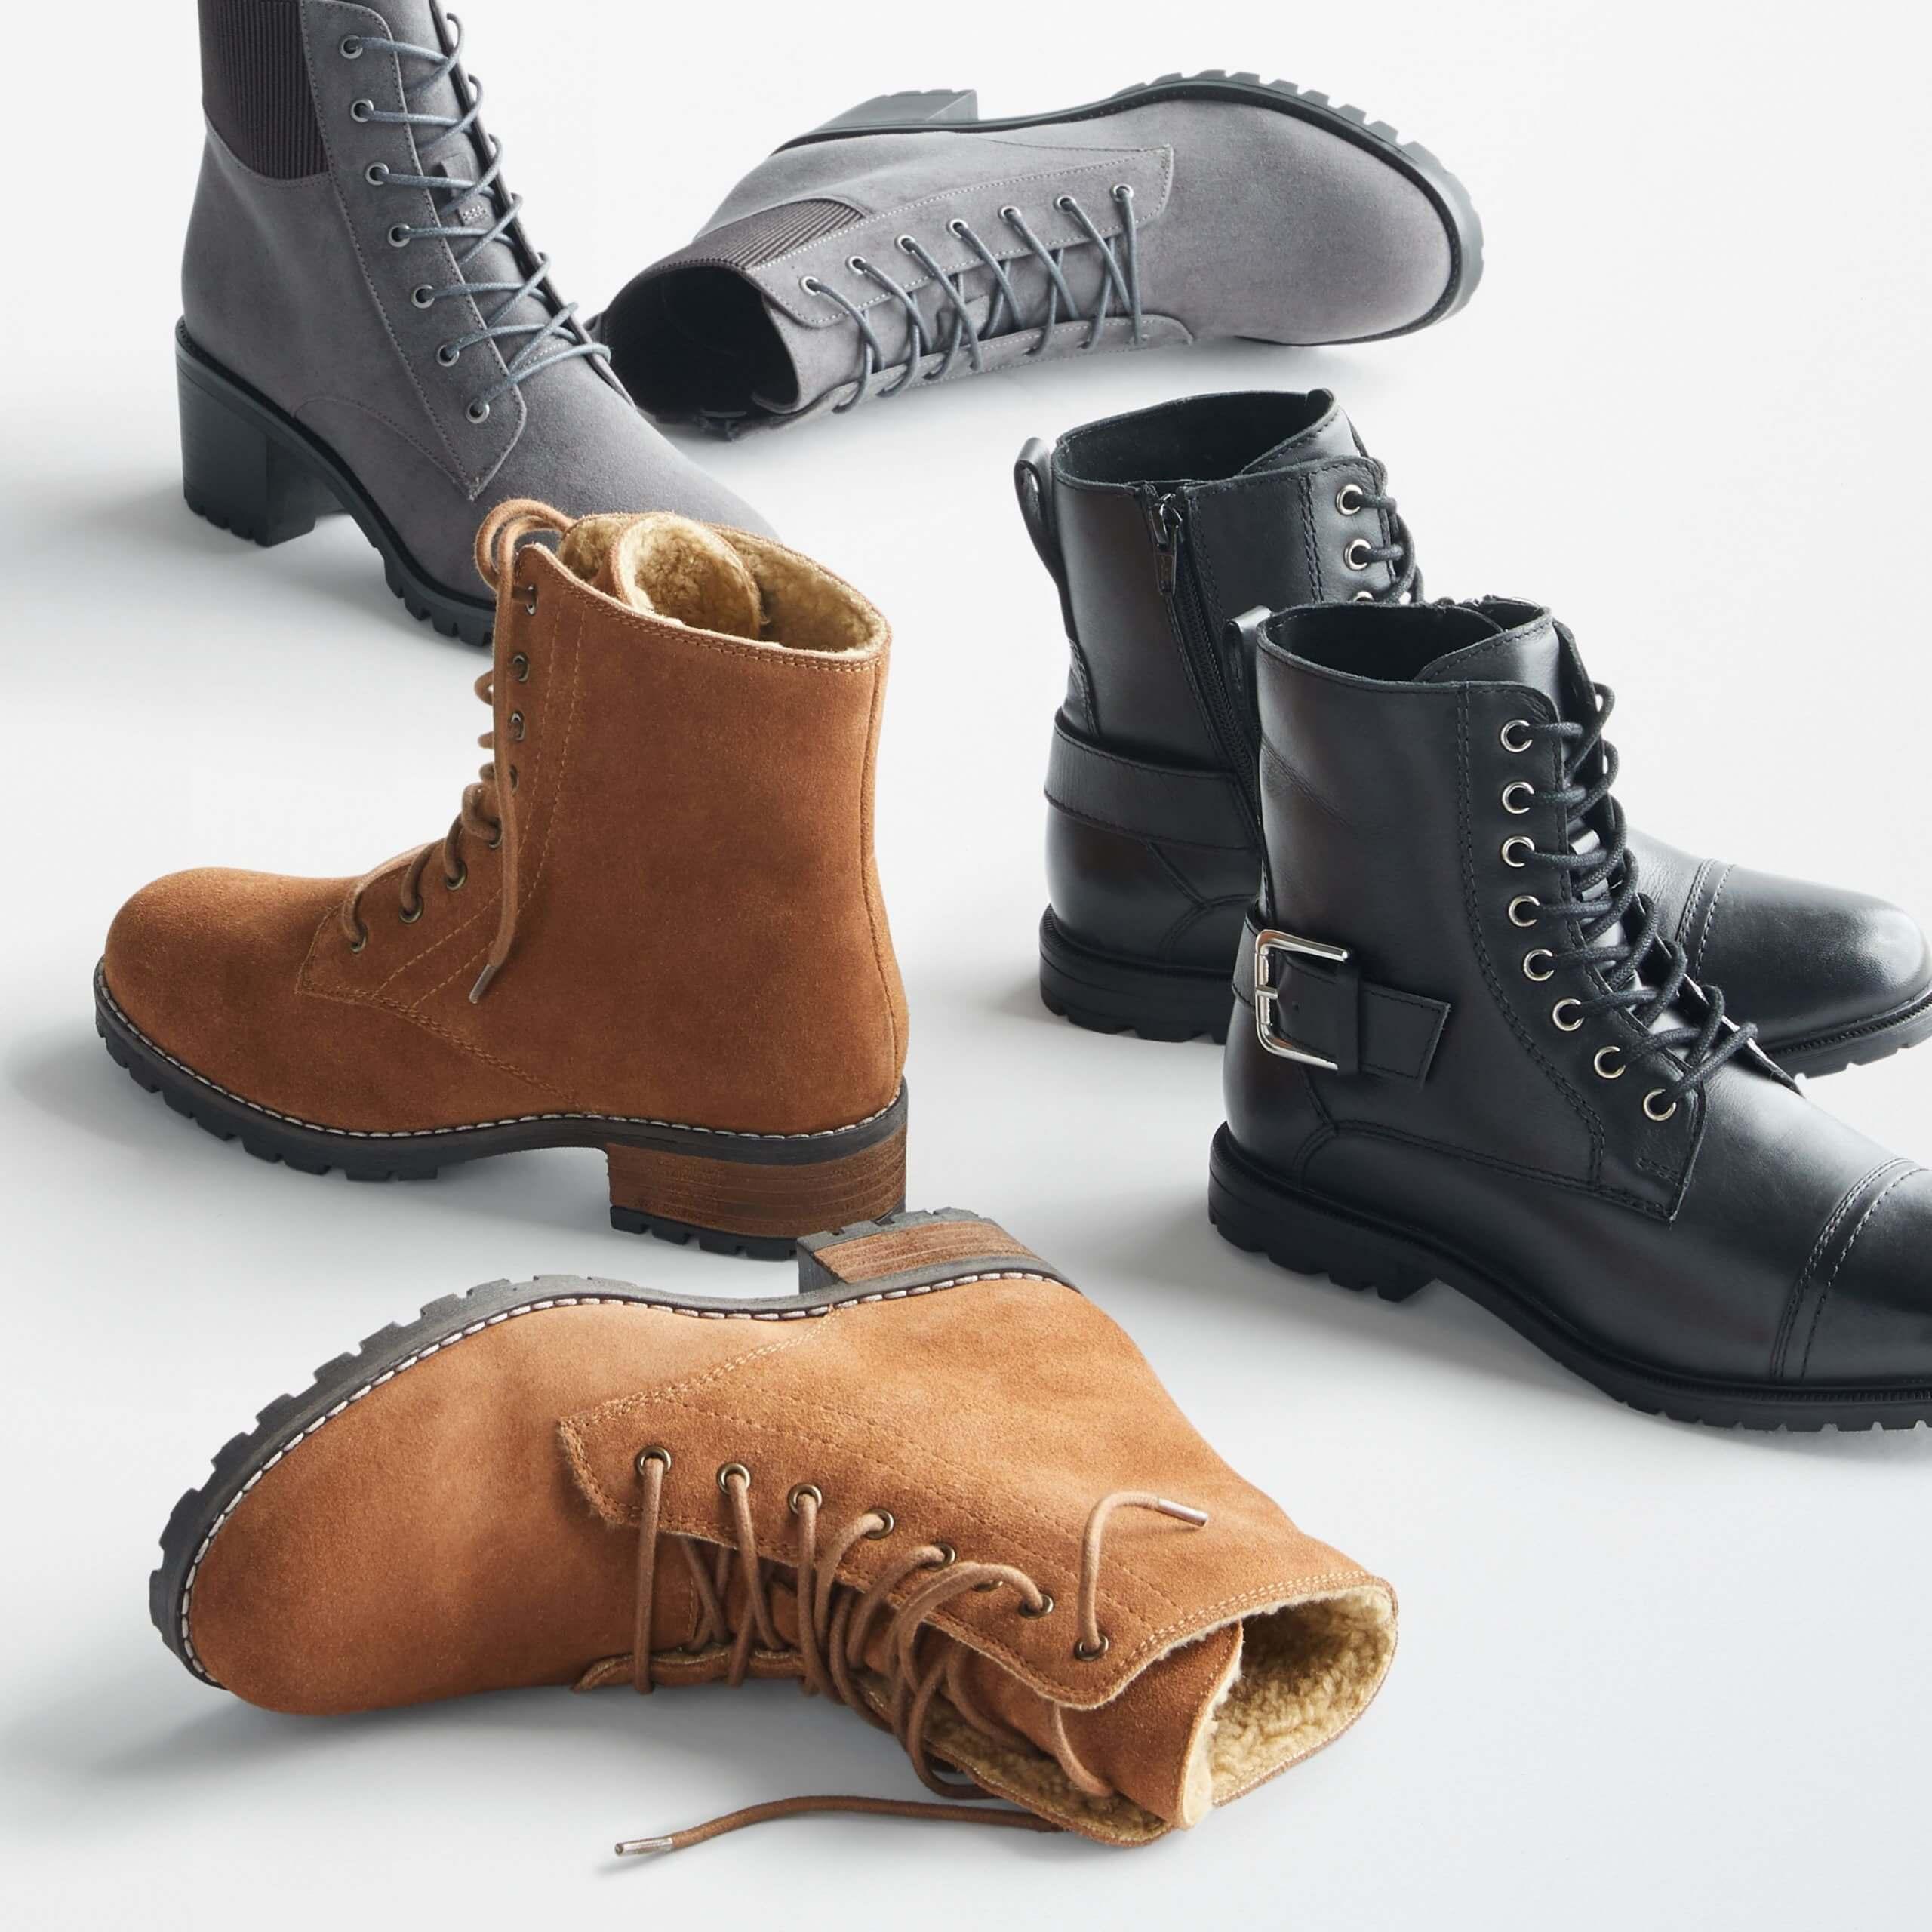 Stitch Fix Women's booties in dark grey, combat booties in brown and black.